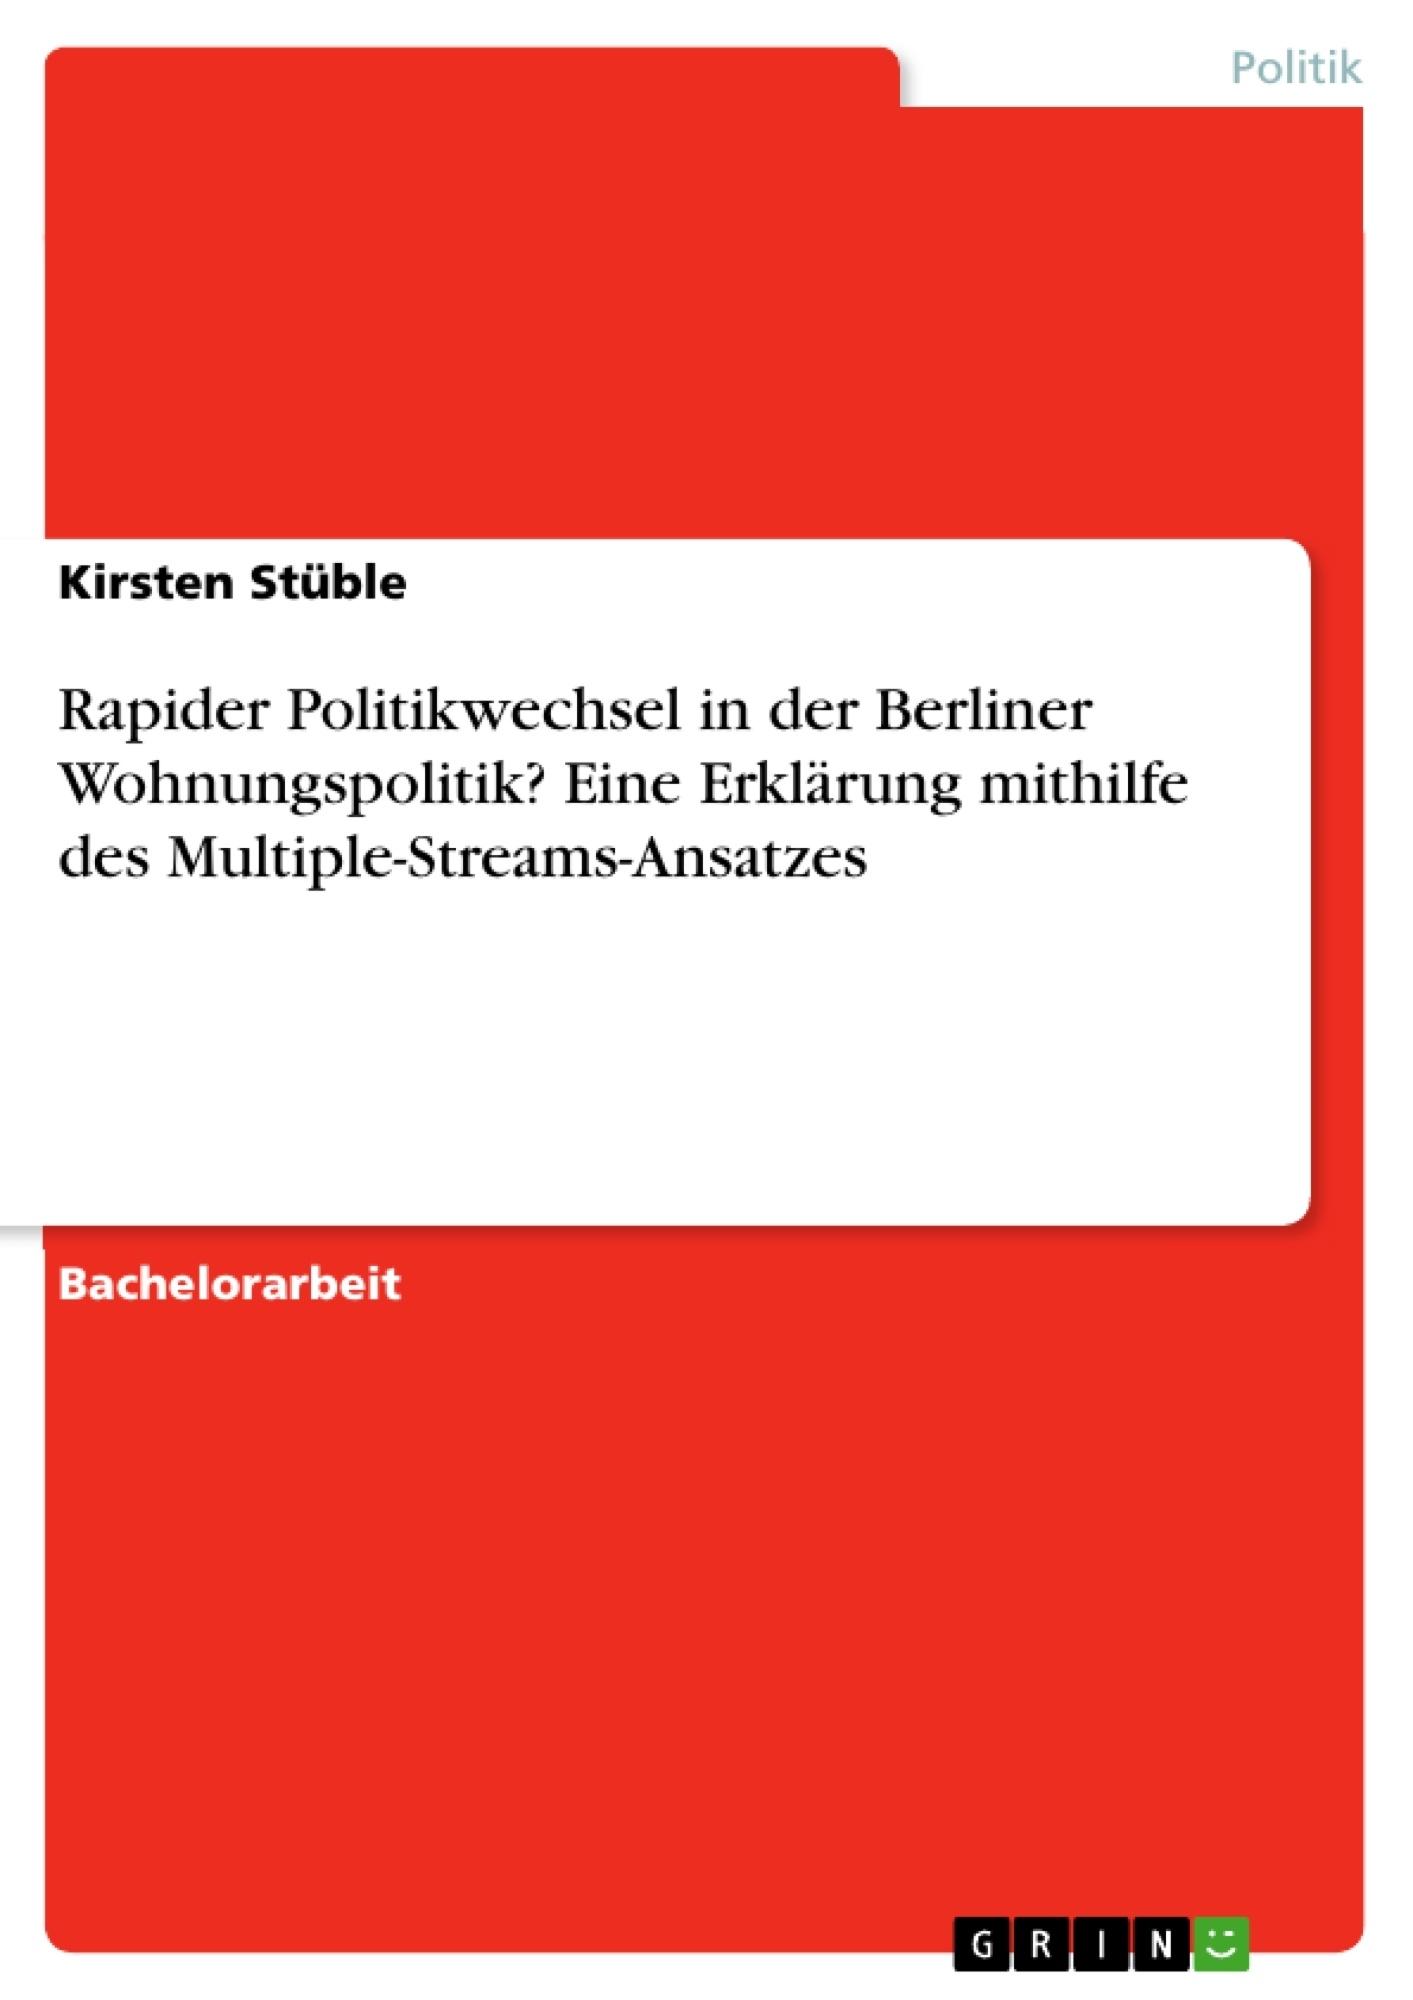 Titel: Rapider Politikwechsel in der Berliner Wohnungspolitik? Eine Erklärung mithilfe des Multiple-Streams-Ansatzes